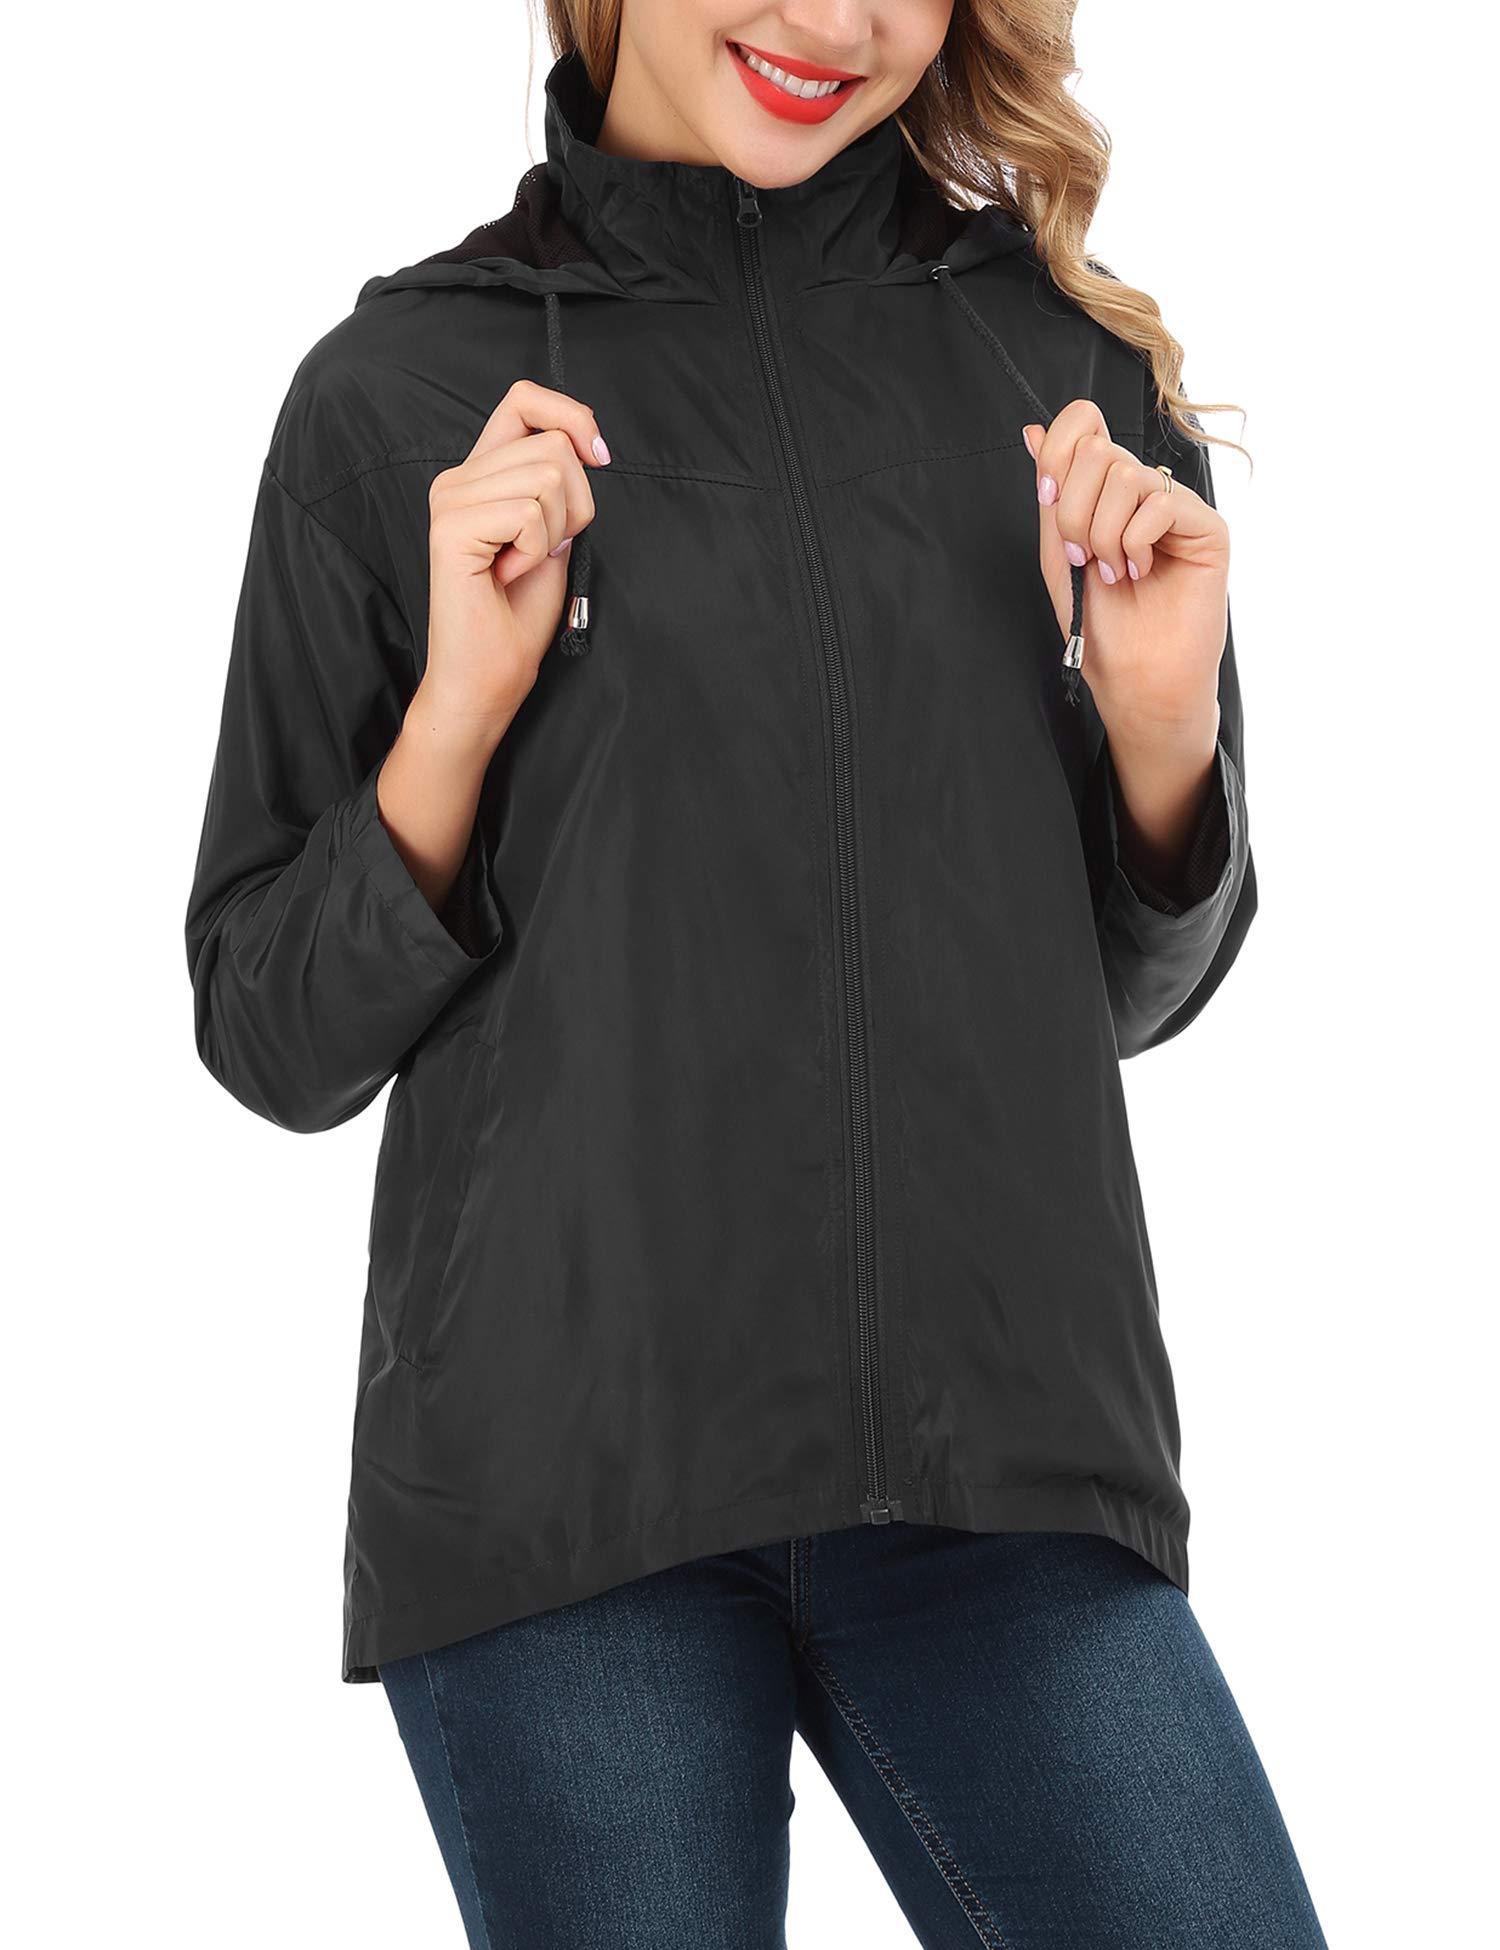 FISOUL Women's Waterproof Rain Jacket Lightweight Raincoat Active Outdoor Hooded Windbreaker Jacket S-XXL(Black,X-Large)